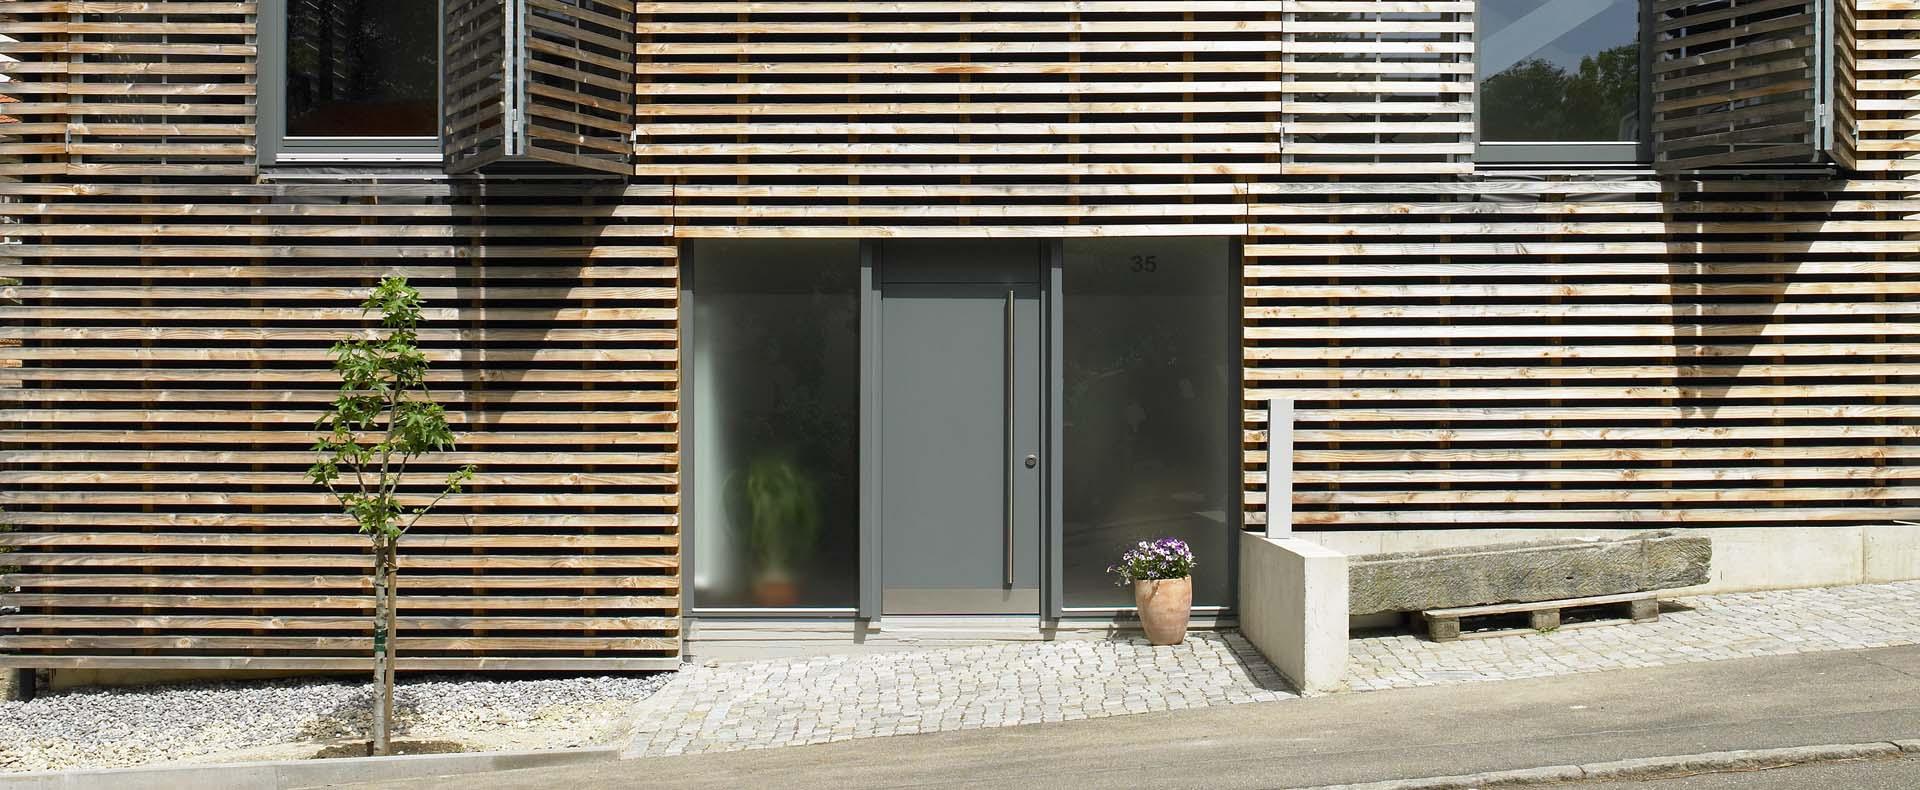 Wohnhaus, Pfullingen, 2005, Errichten eines Einfamilienwohnhauses in Holzständerbauweise in Hanglage